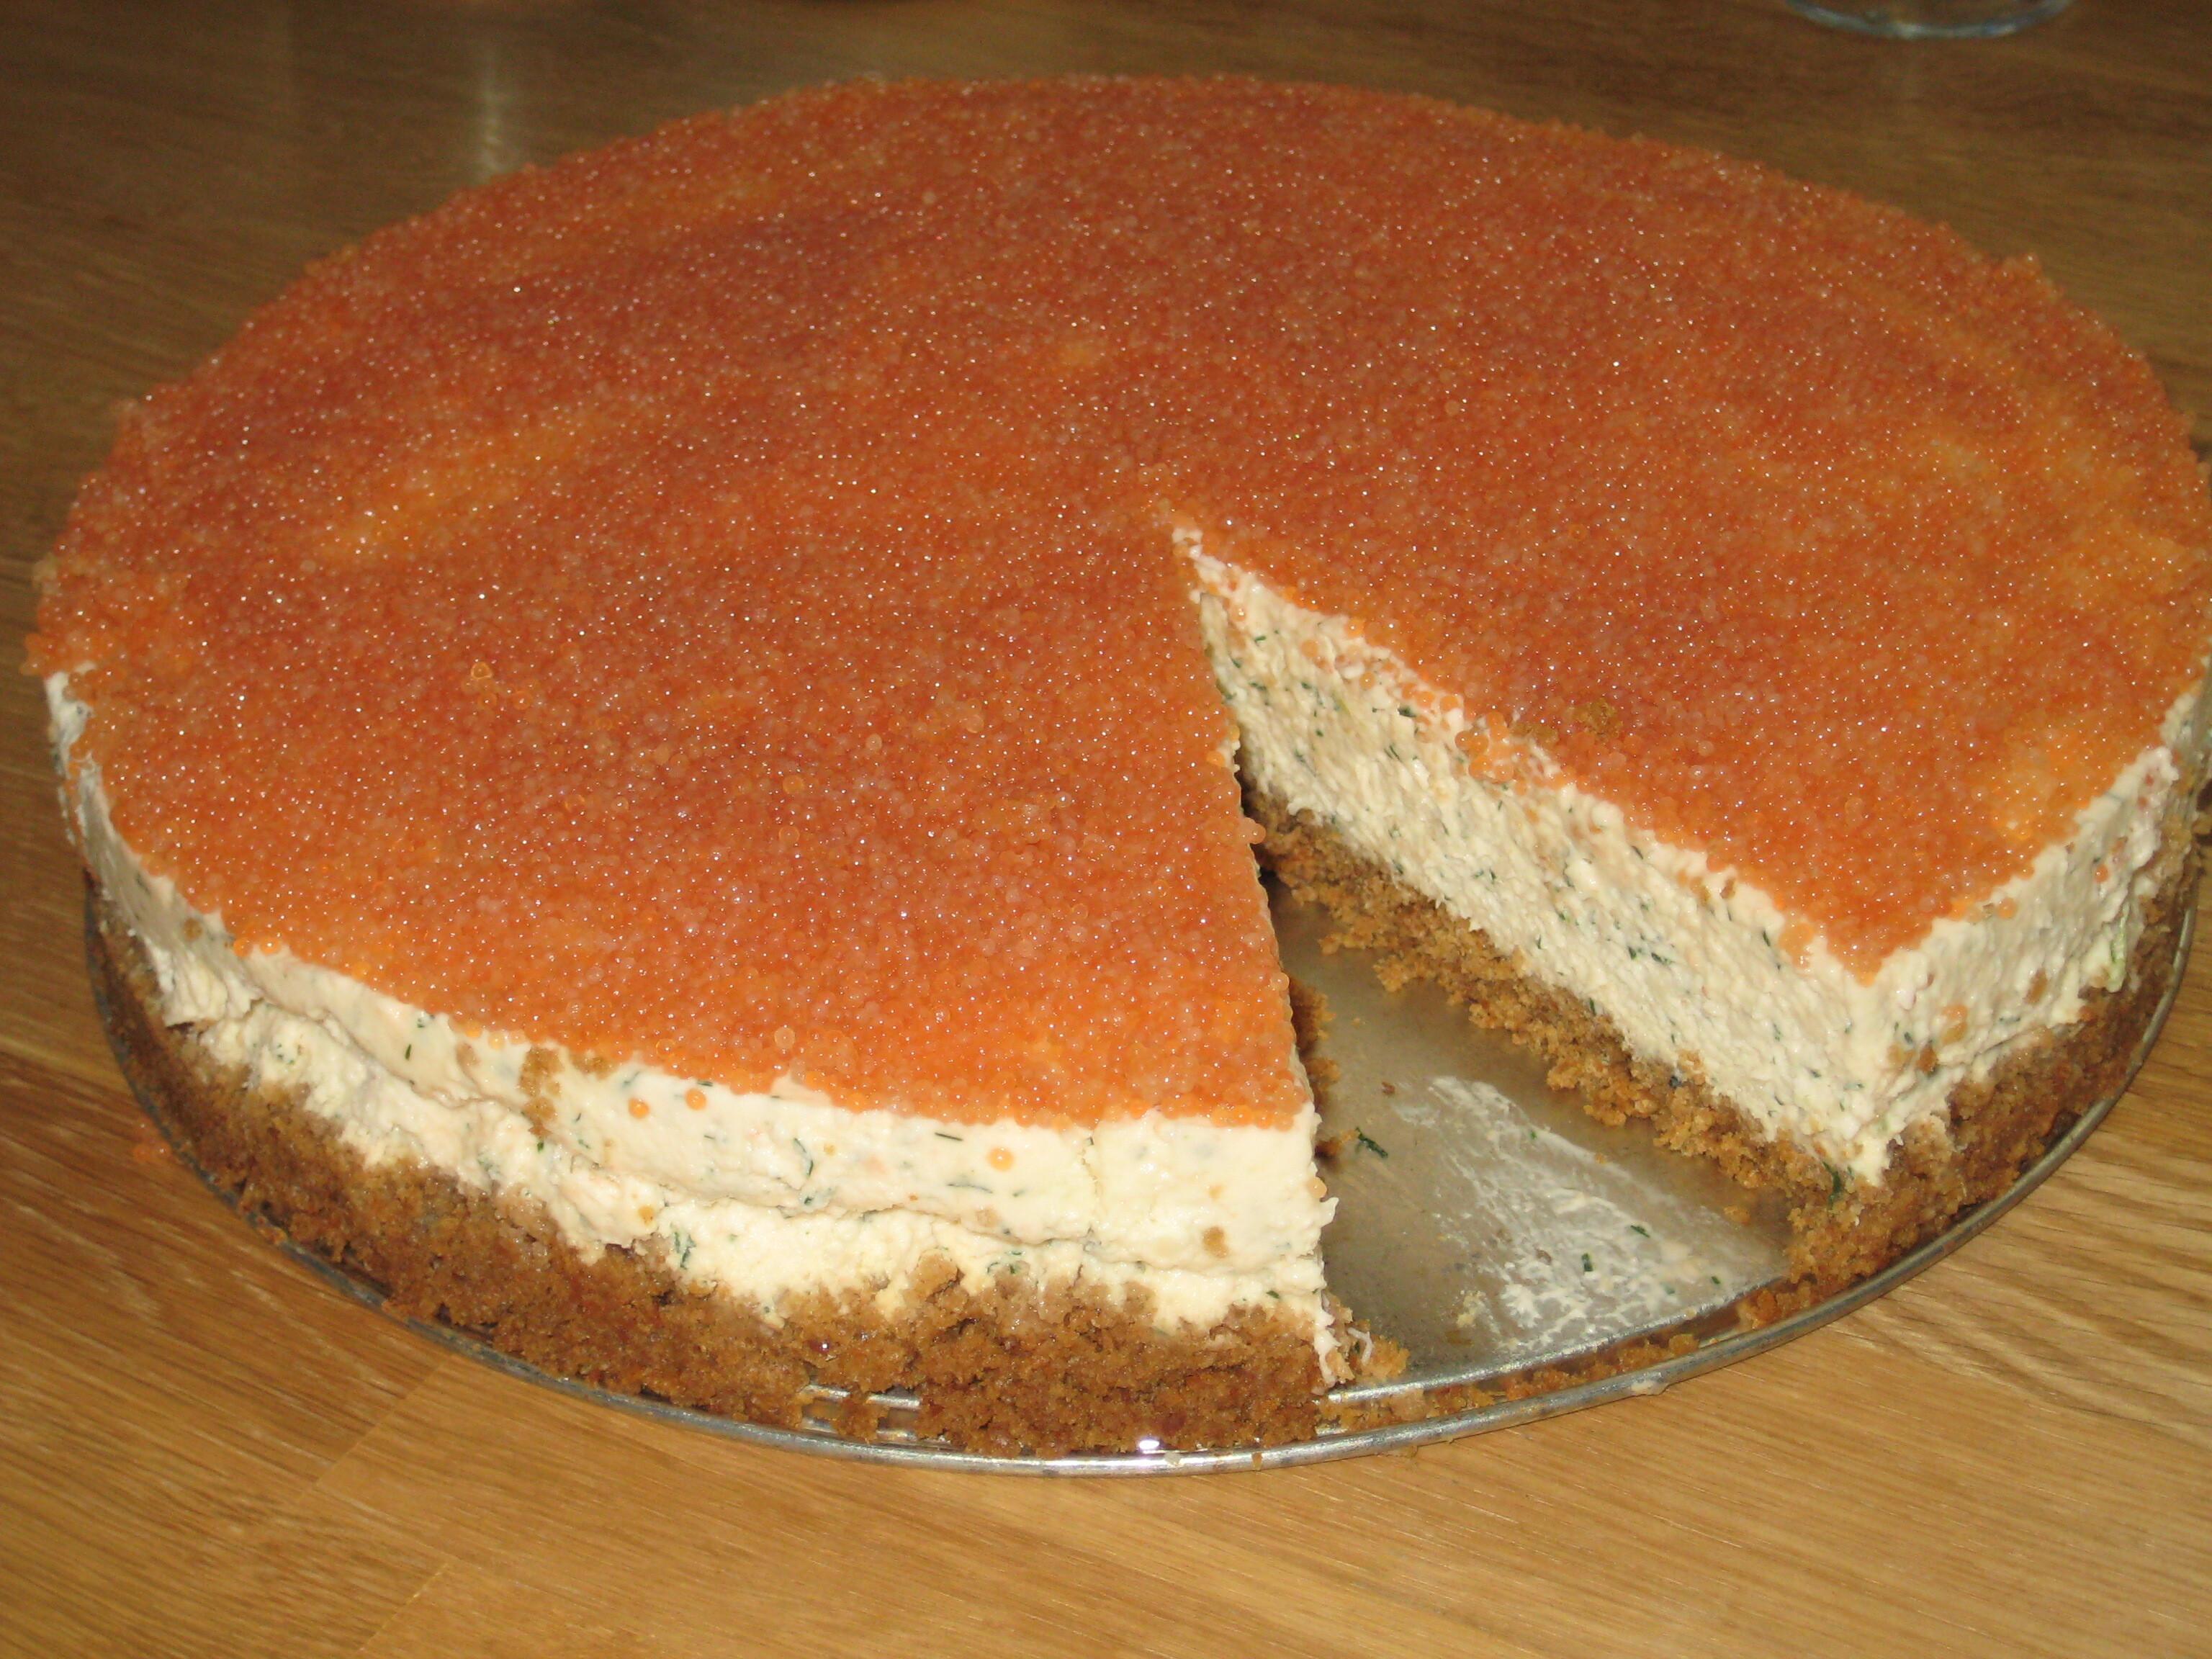 Laxcheesecake